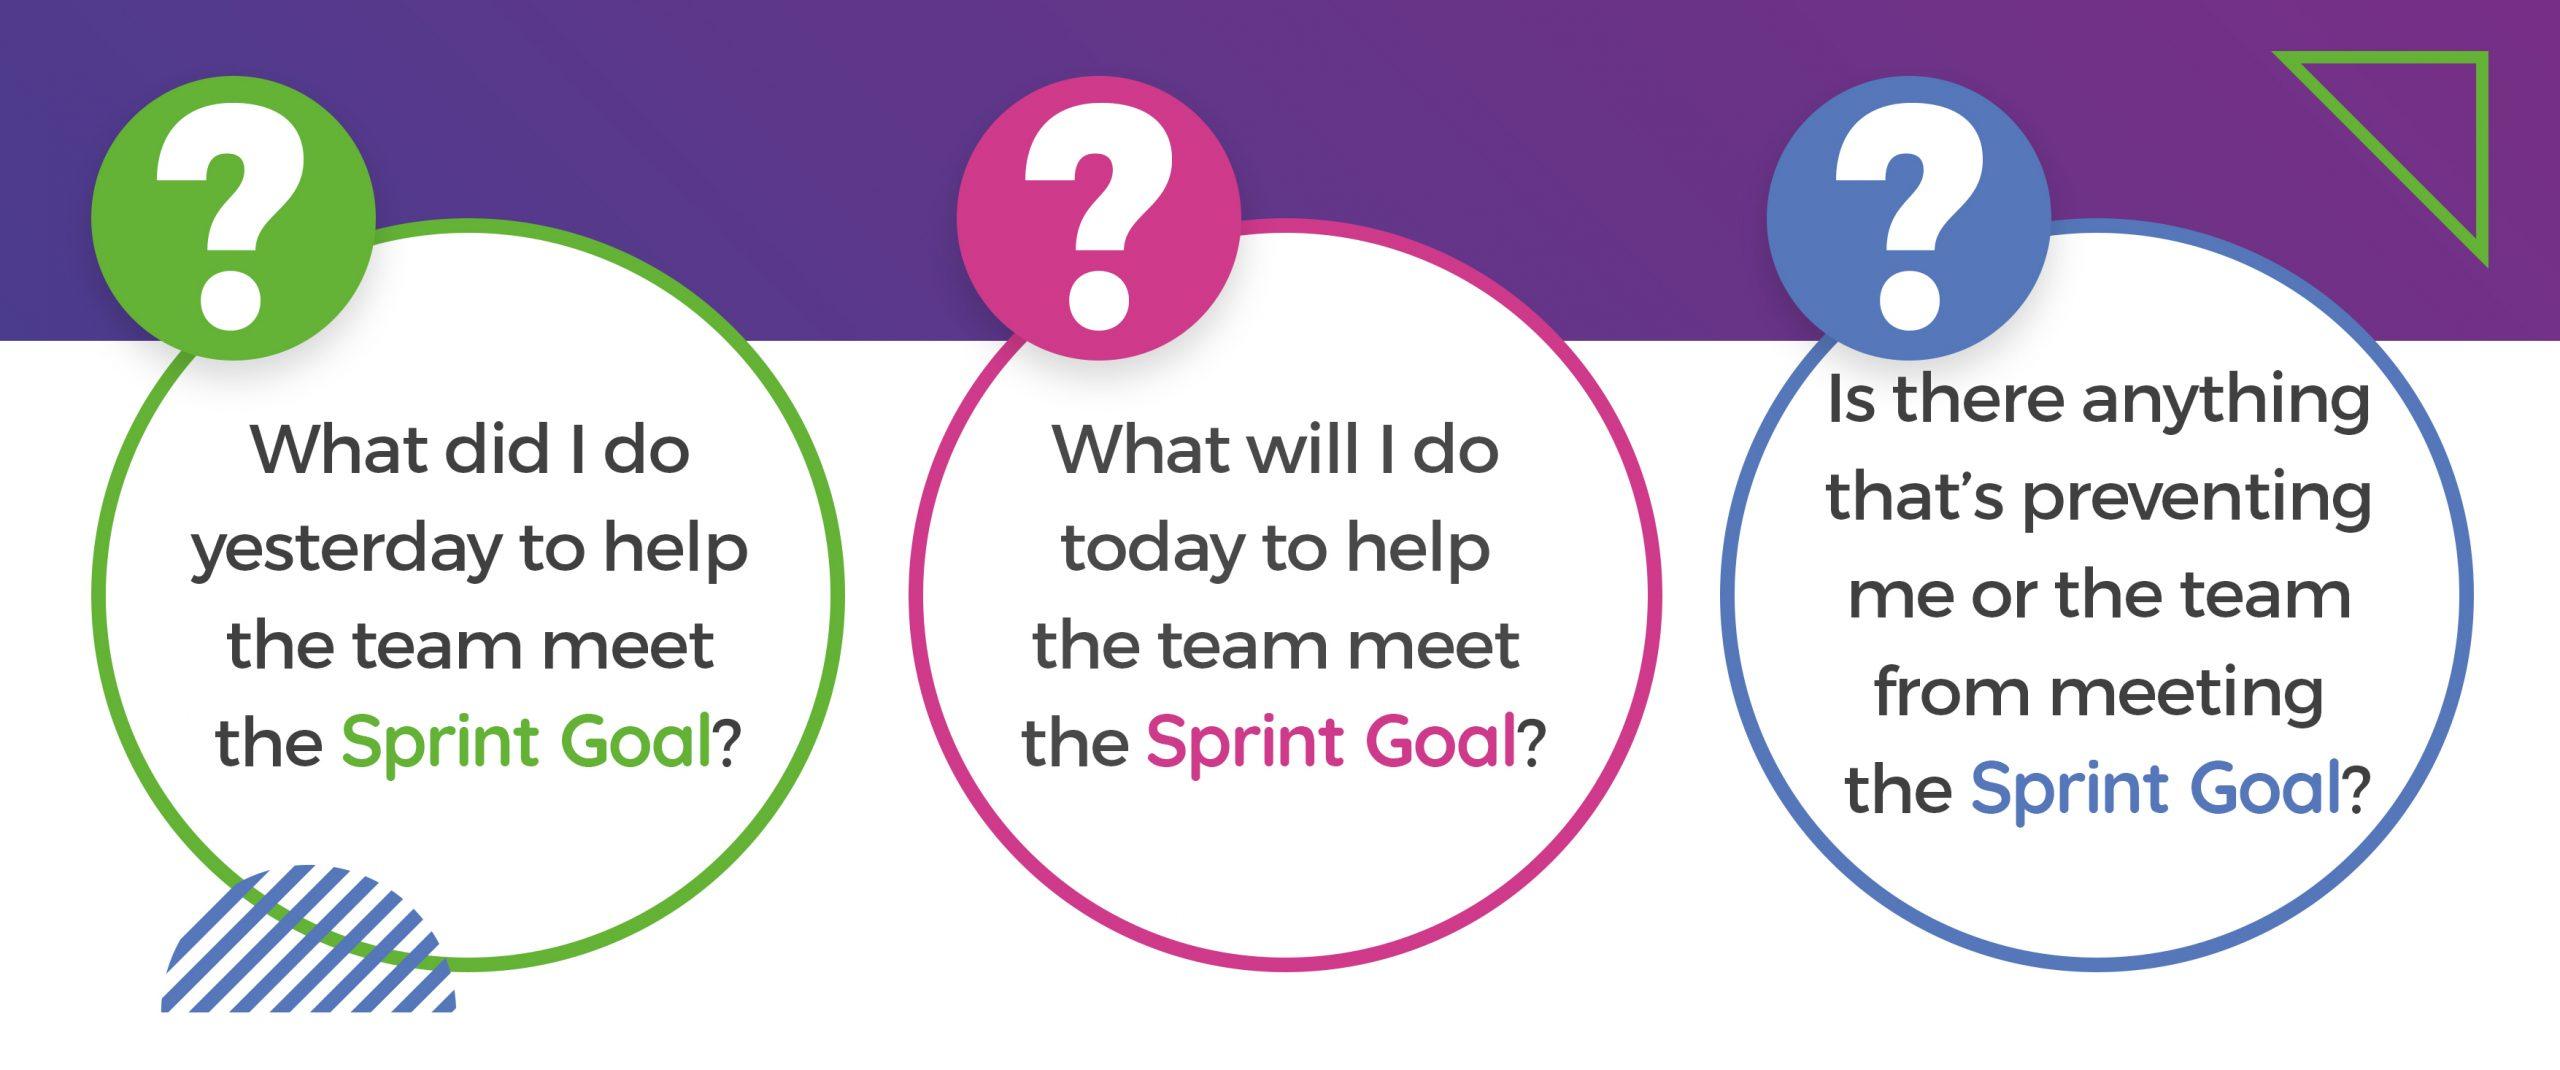 Scrum Guide 2020- 3 daily scrum questions